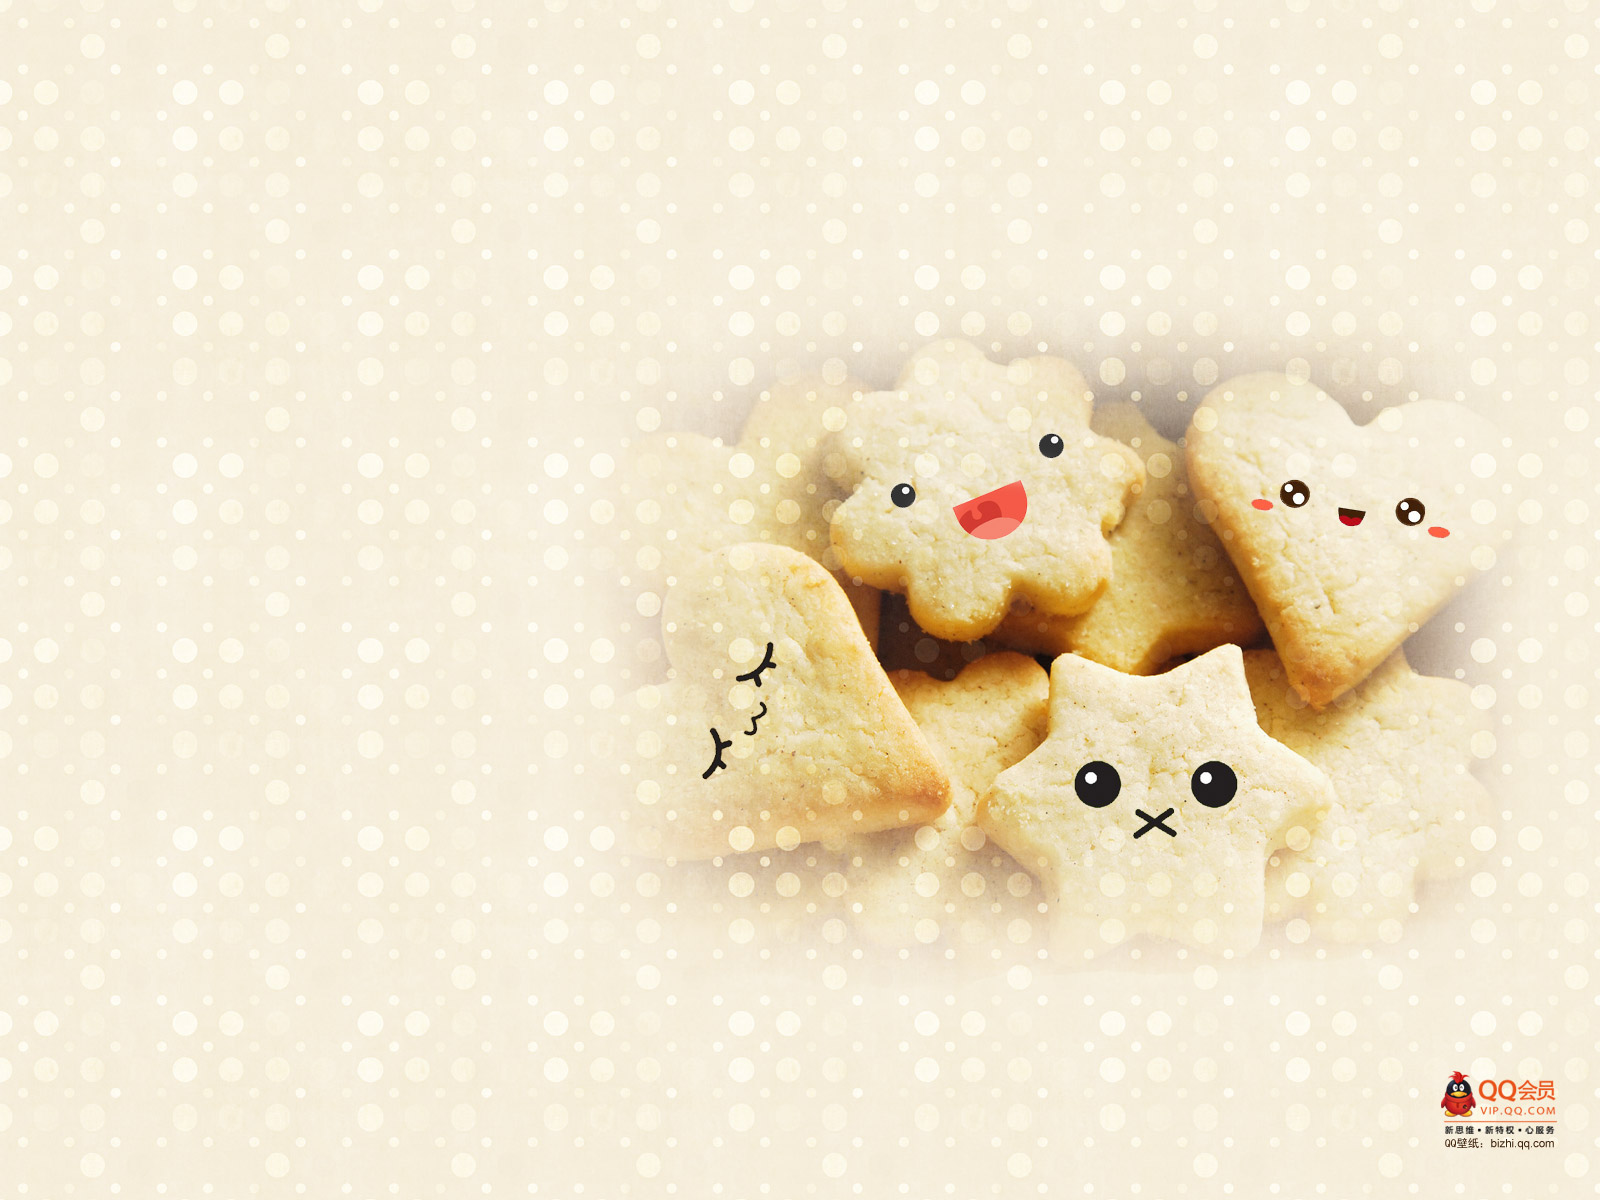 简约ppt背景图片 > 可爱小饼干ppt背景图片  上一页:卡哇伊之迷你甜点